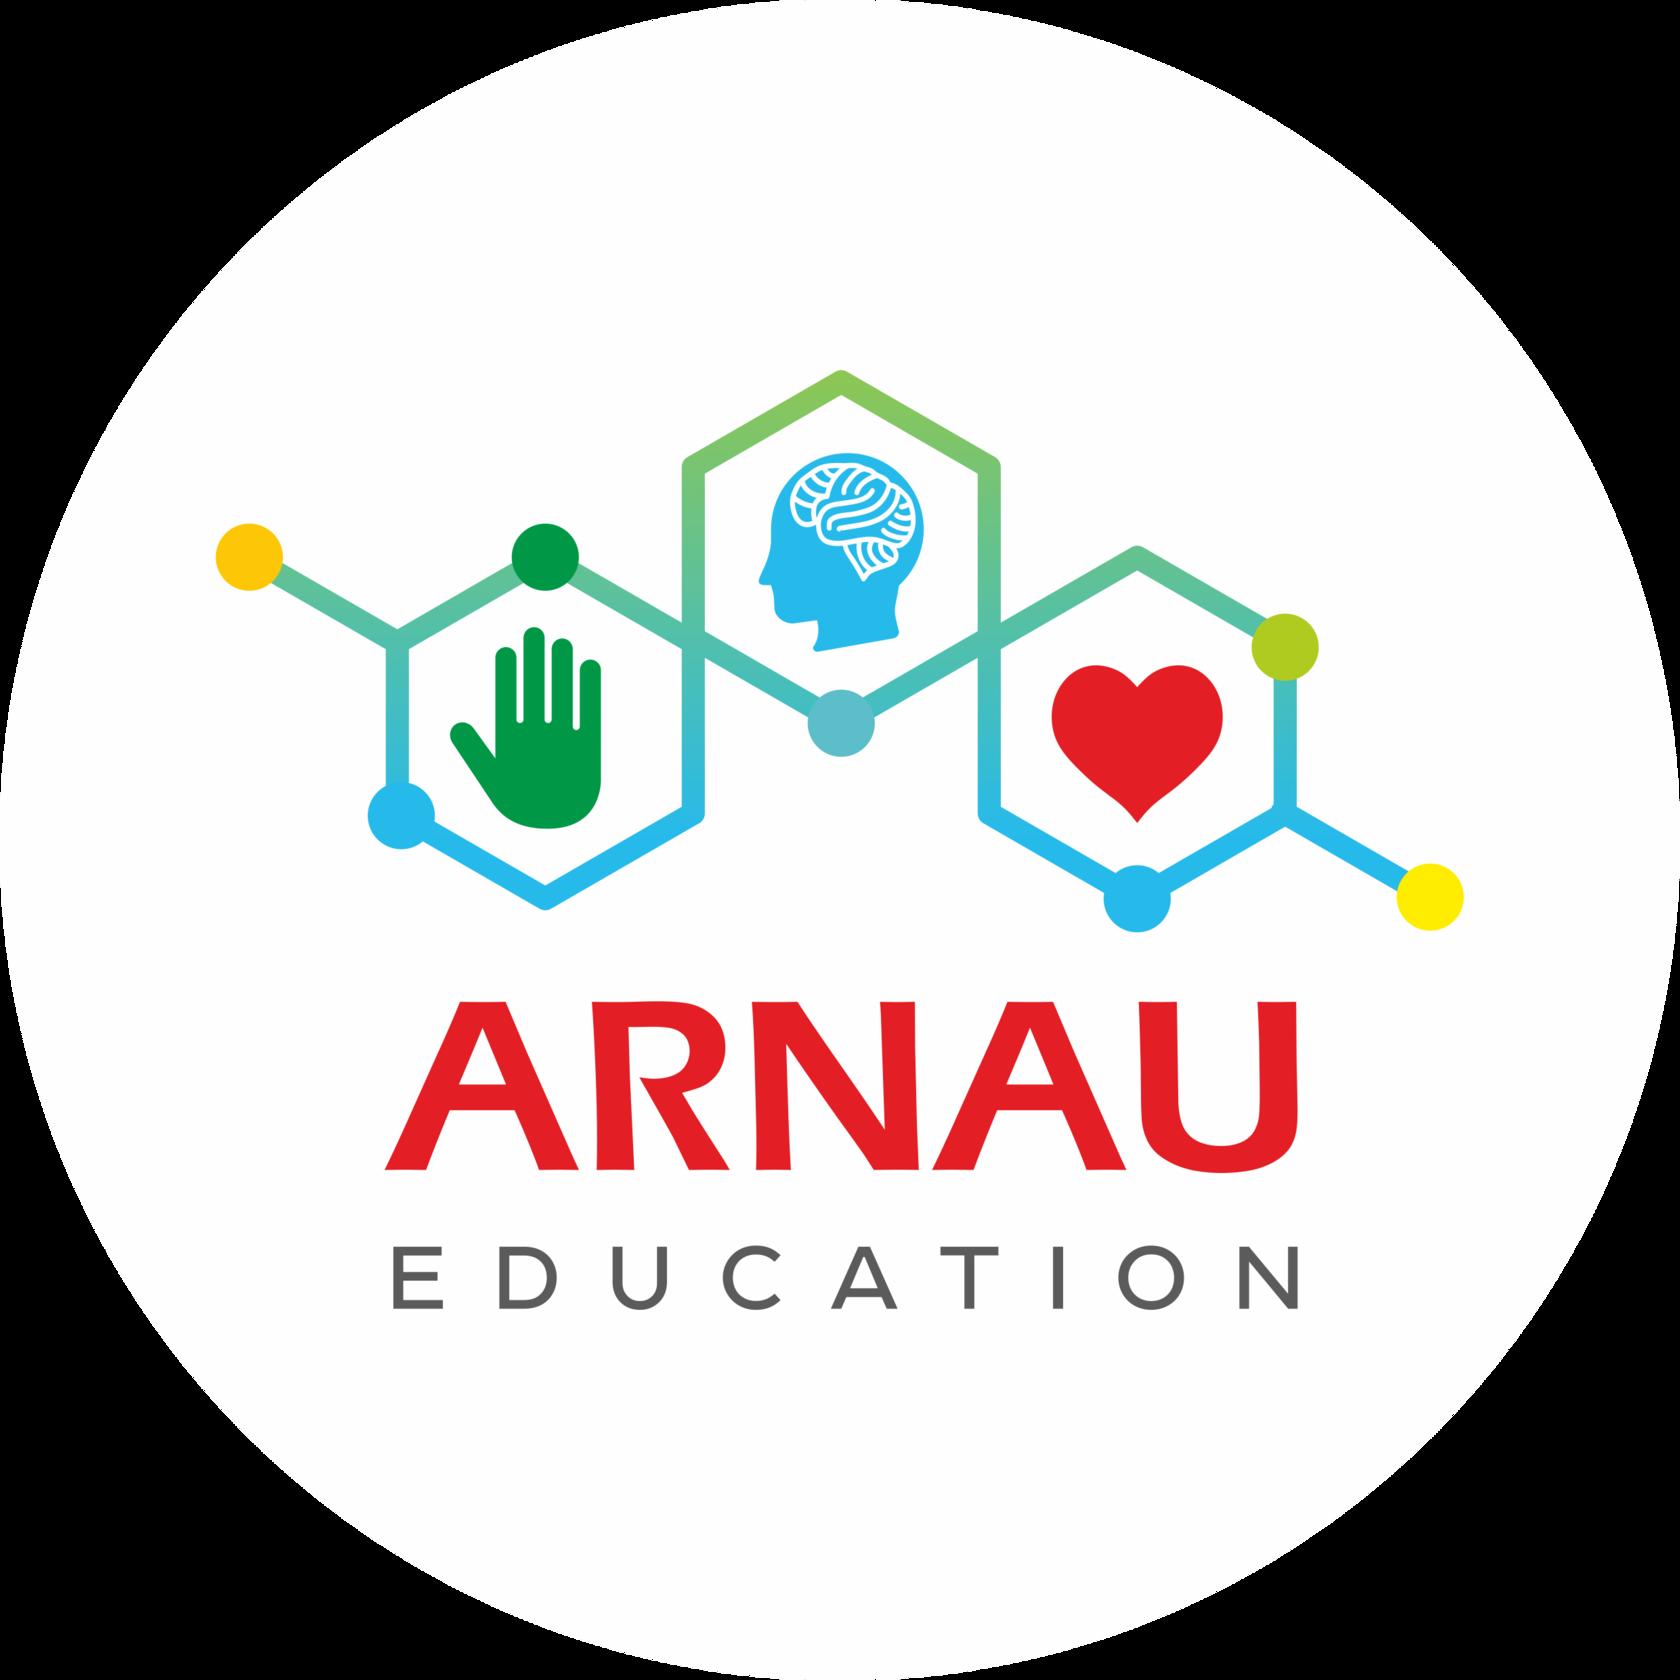 ARNAU Education